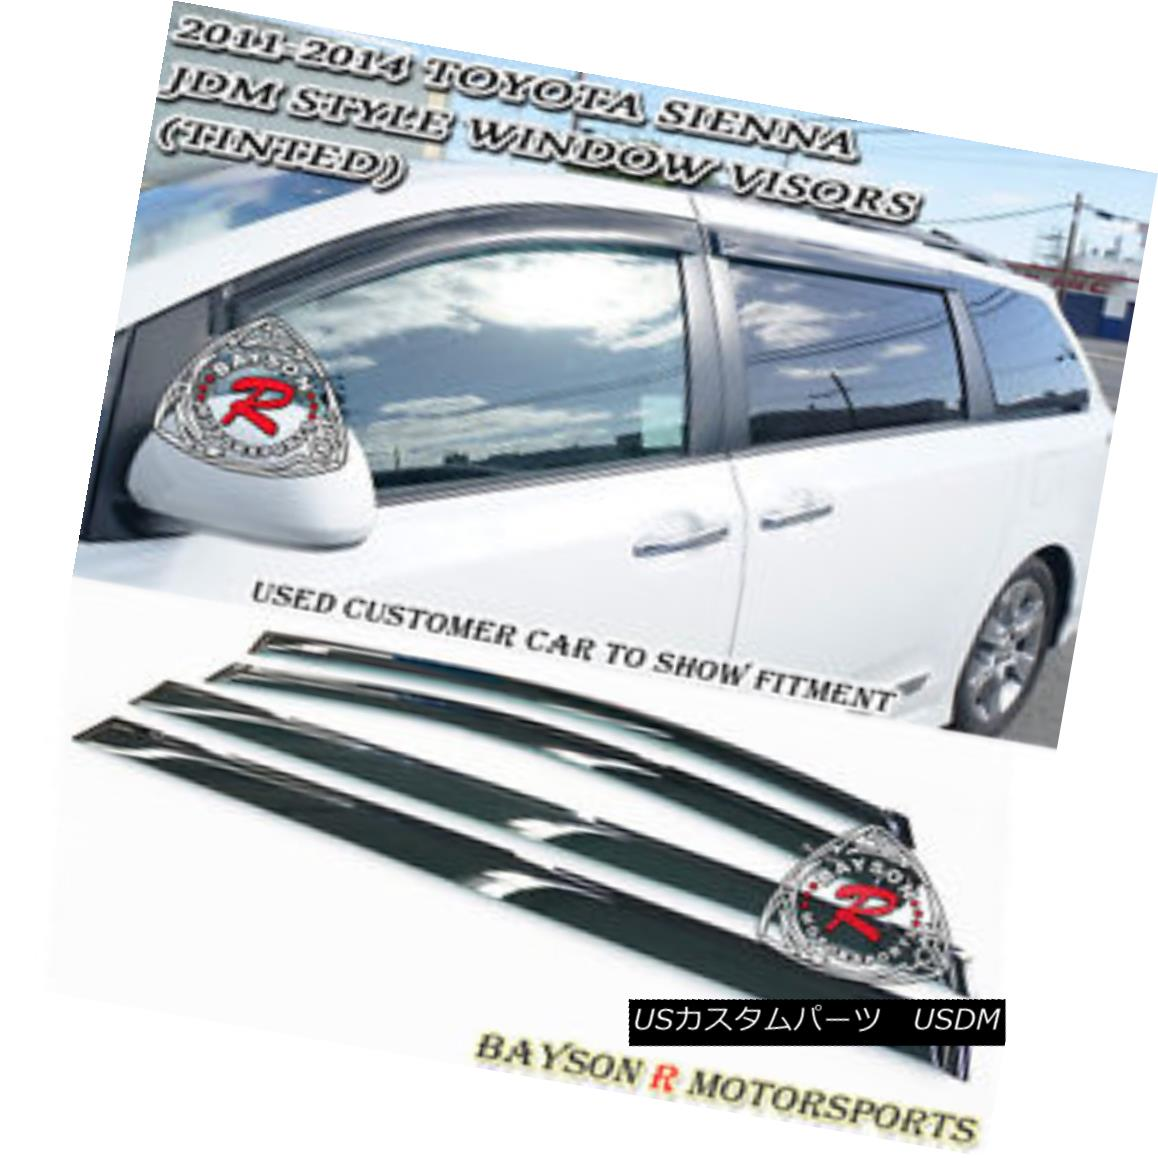 エアロパーツ Side Window Rain Guard Visors (Tinted) Fits 11-18 Toyota Sienna サイドウィンドウレインガードバイザー(色付き)11-18 Toyota Sienna